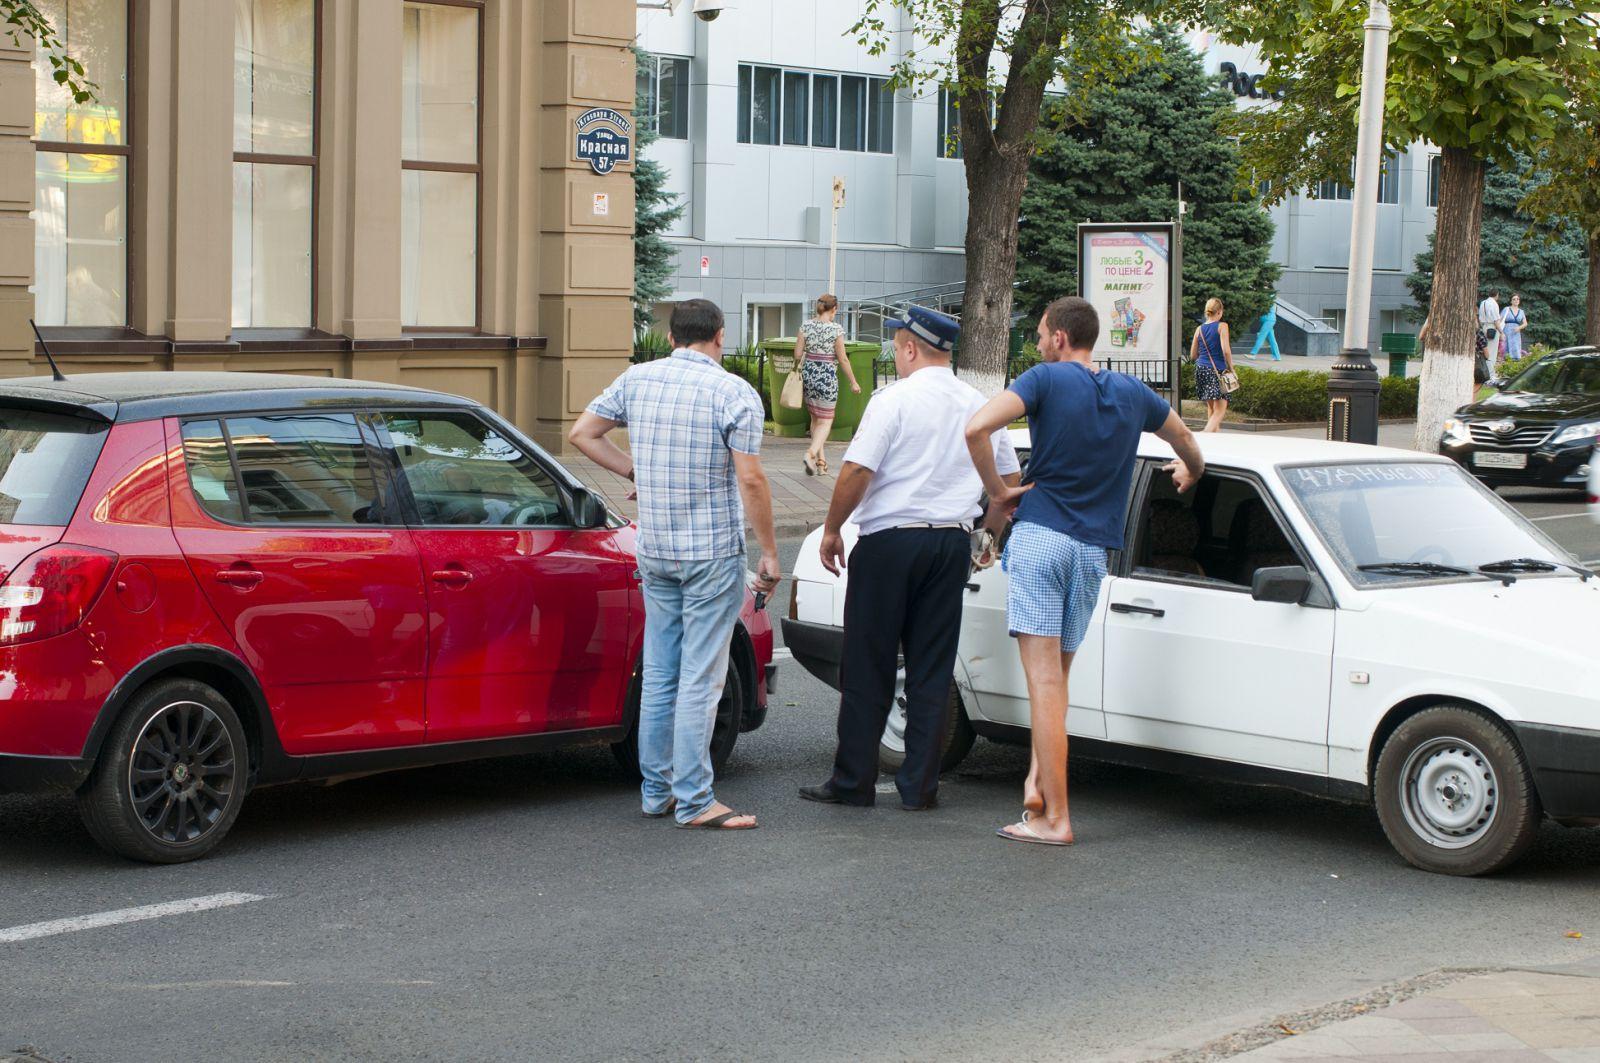 000 руб. поевропротоколу: Государственная дума отдала голос «за»